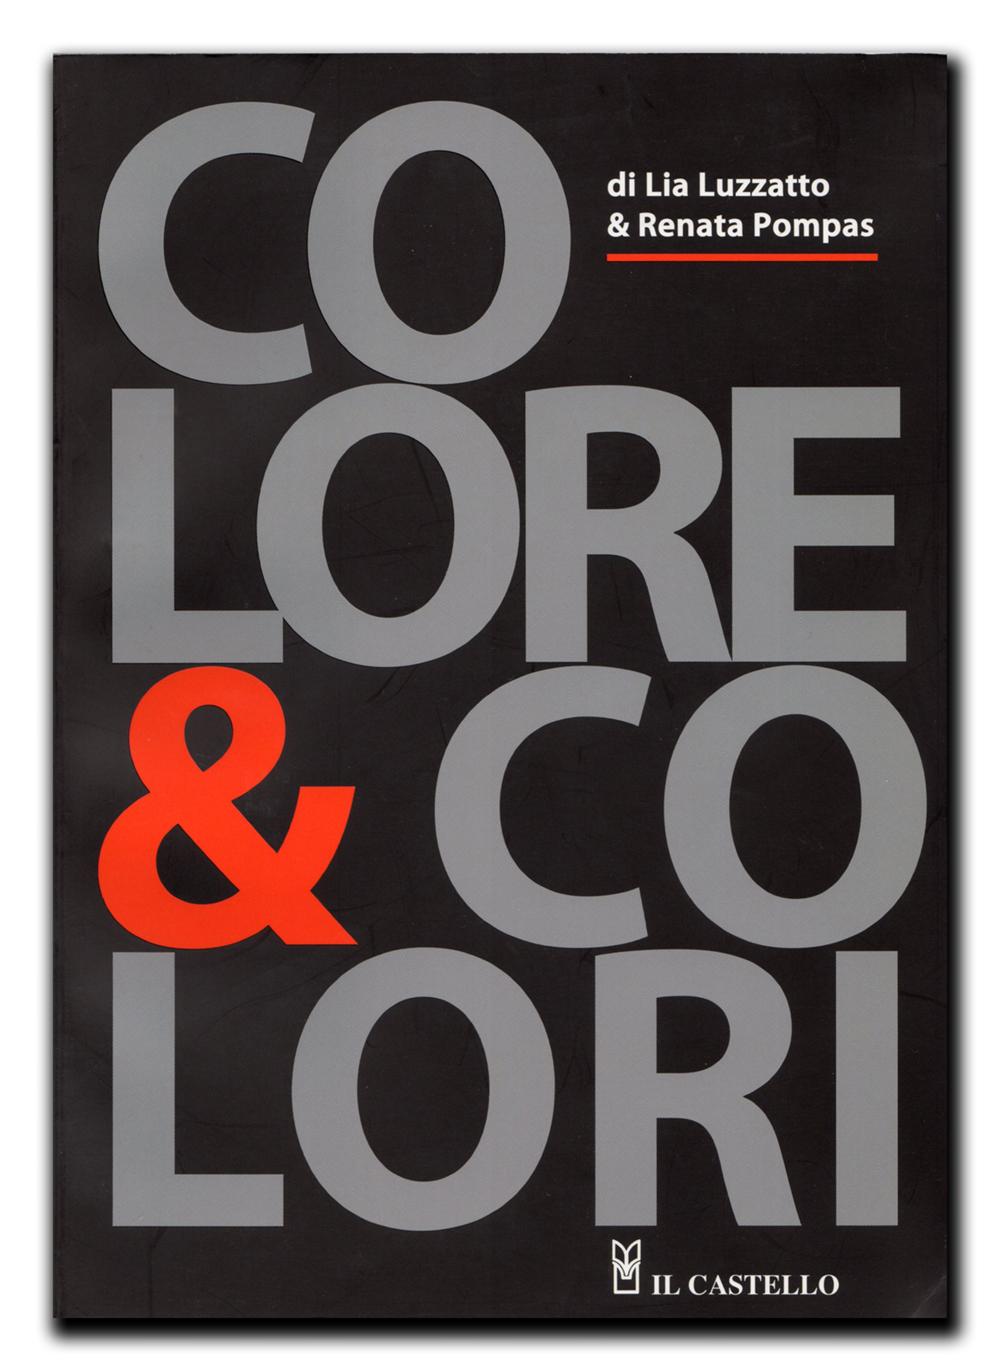 001-Colore & Colori_ricampionato